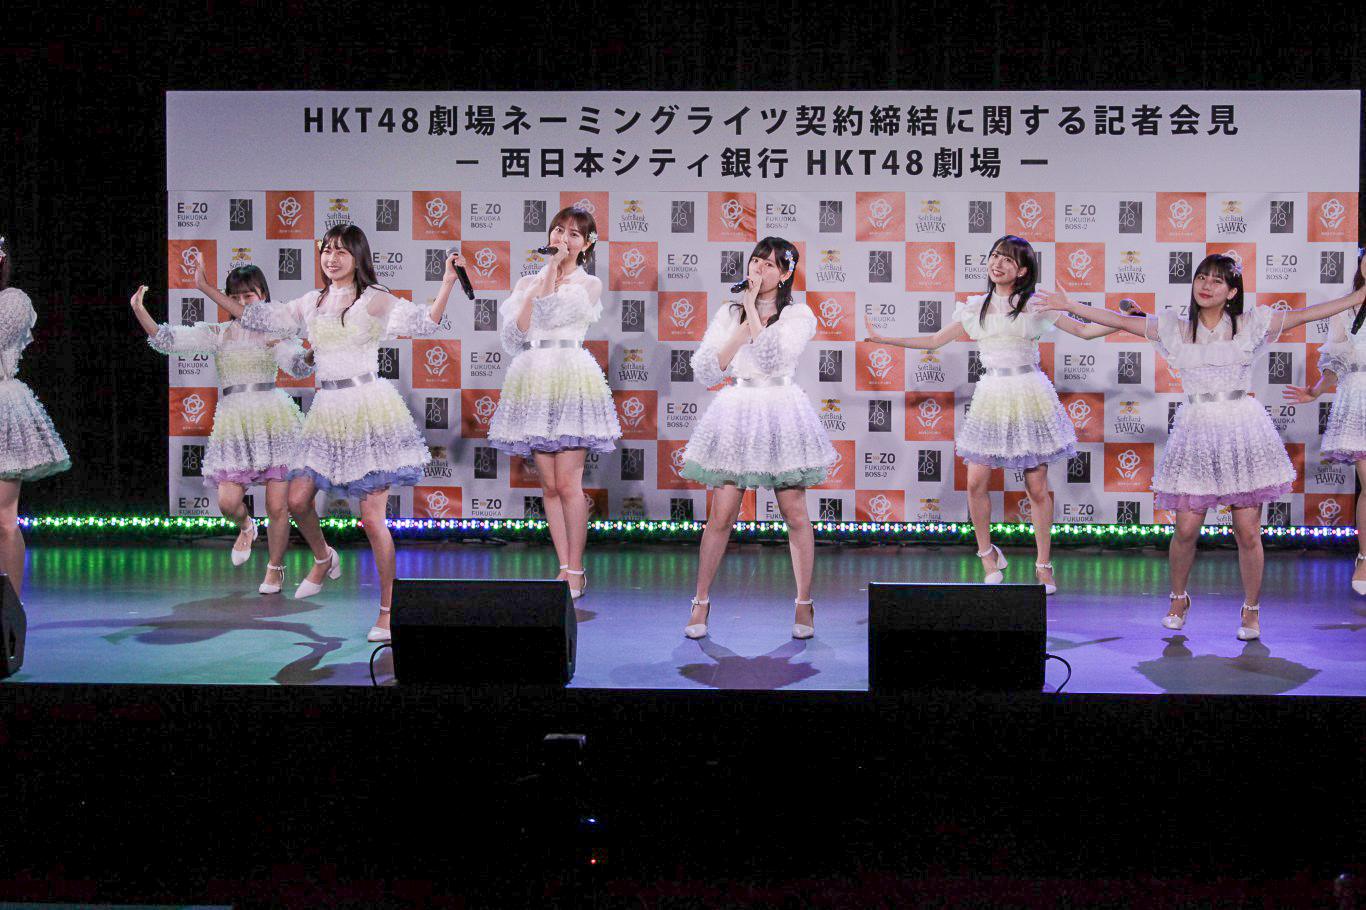 16名のメンバーがステージいっぱいに歌とダンスで「青春の出口」を披露②